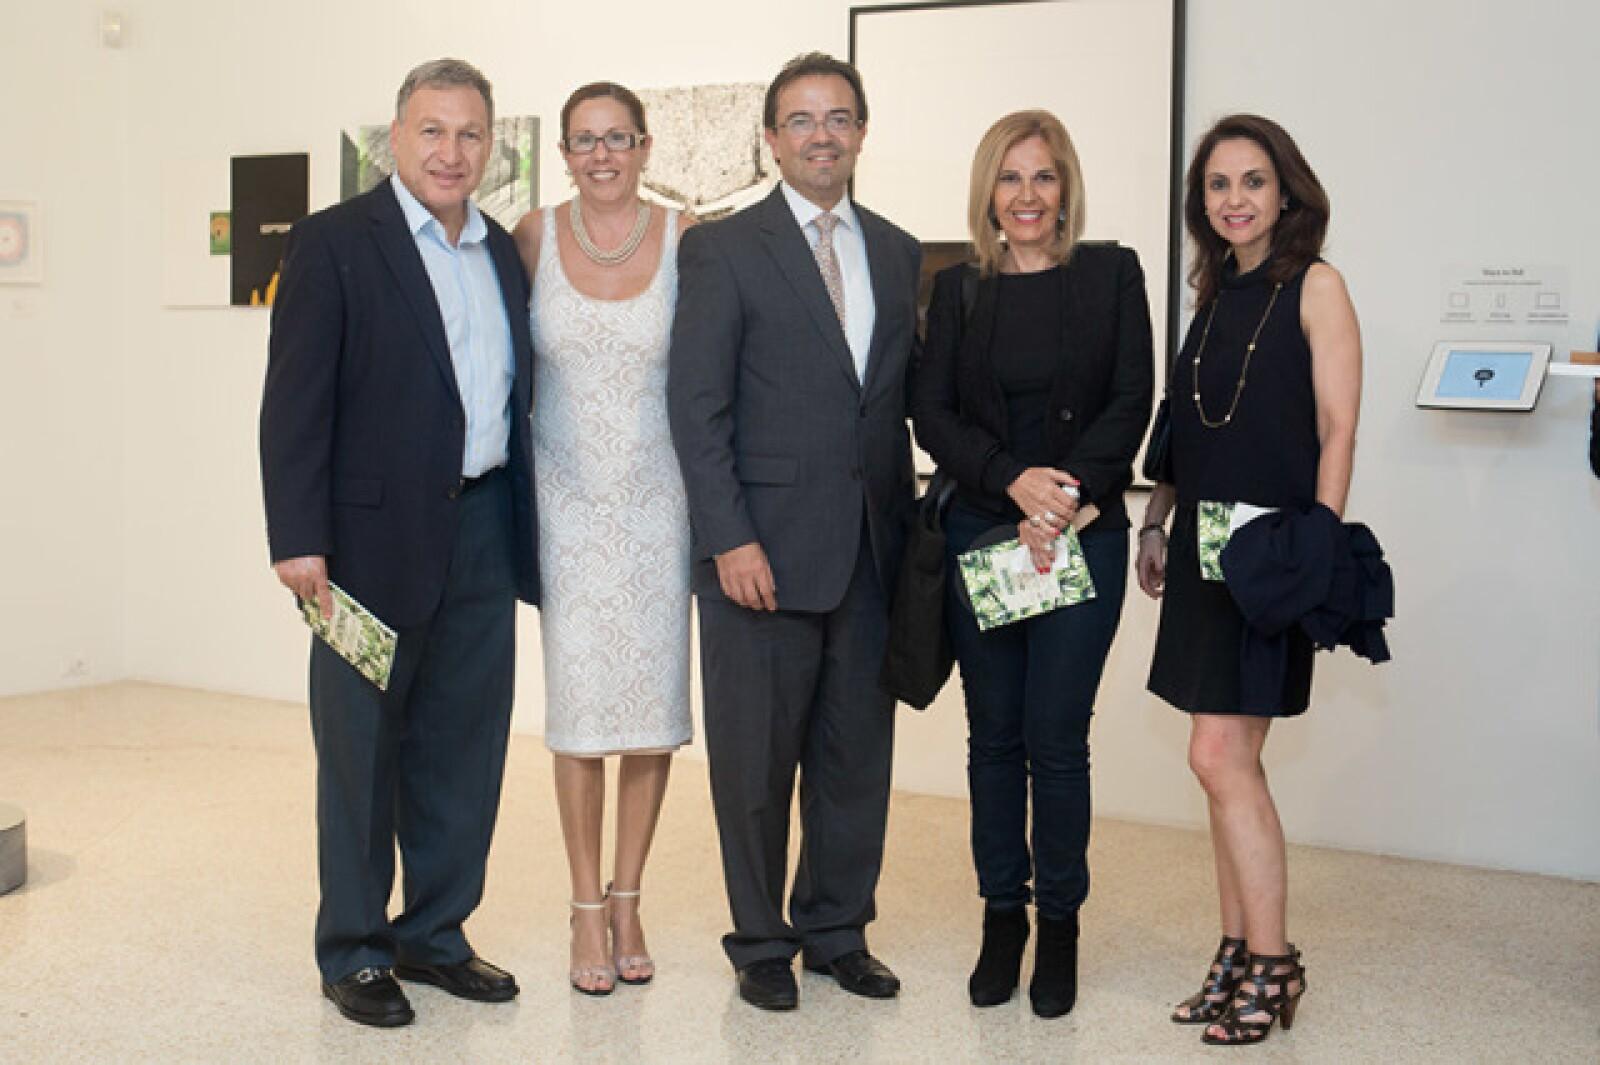 Luis Baraldi,Lucía Villalobos,José Antonio Zabalgoitia,Ercilia Gómez Maqueo y Elsa González